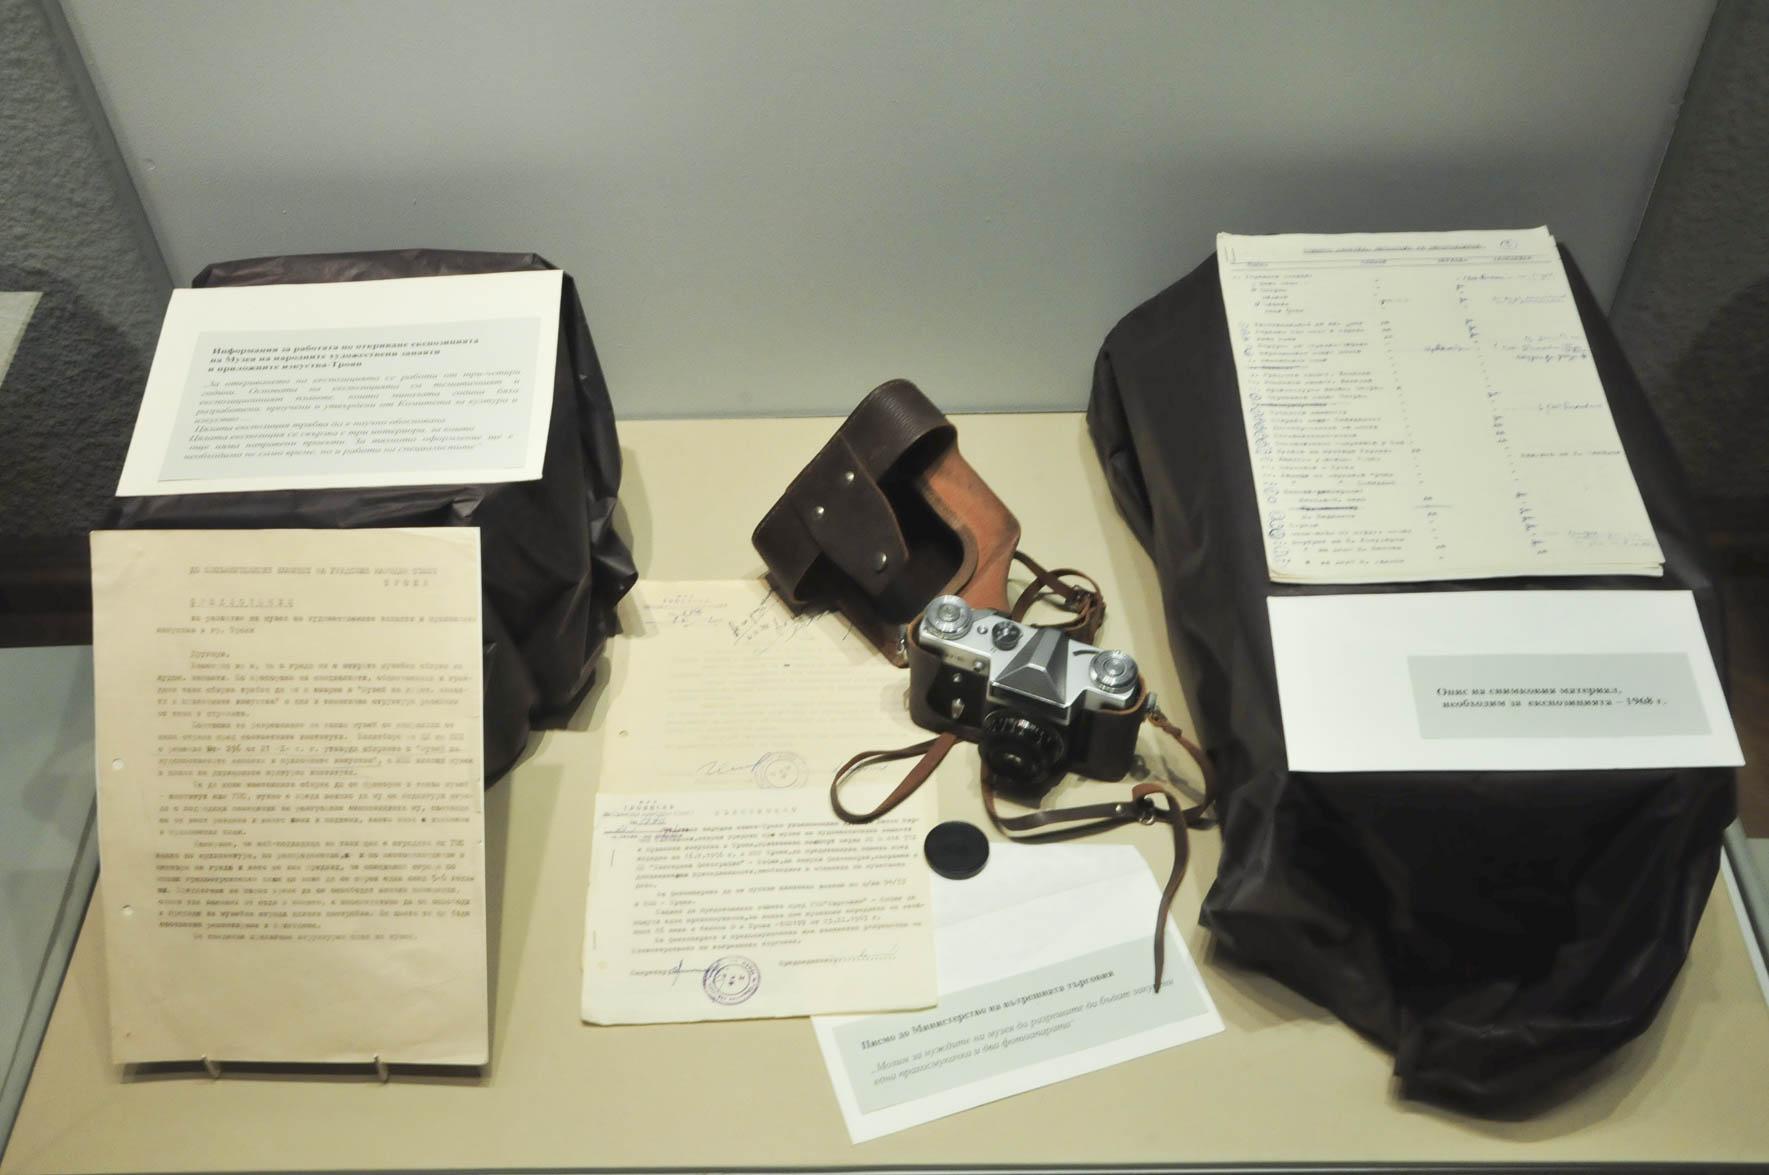 troyan-museum-razkaz-dokumenti-34